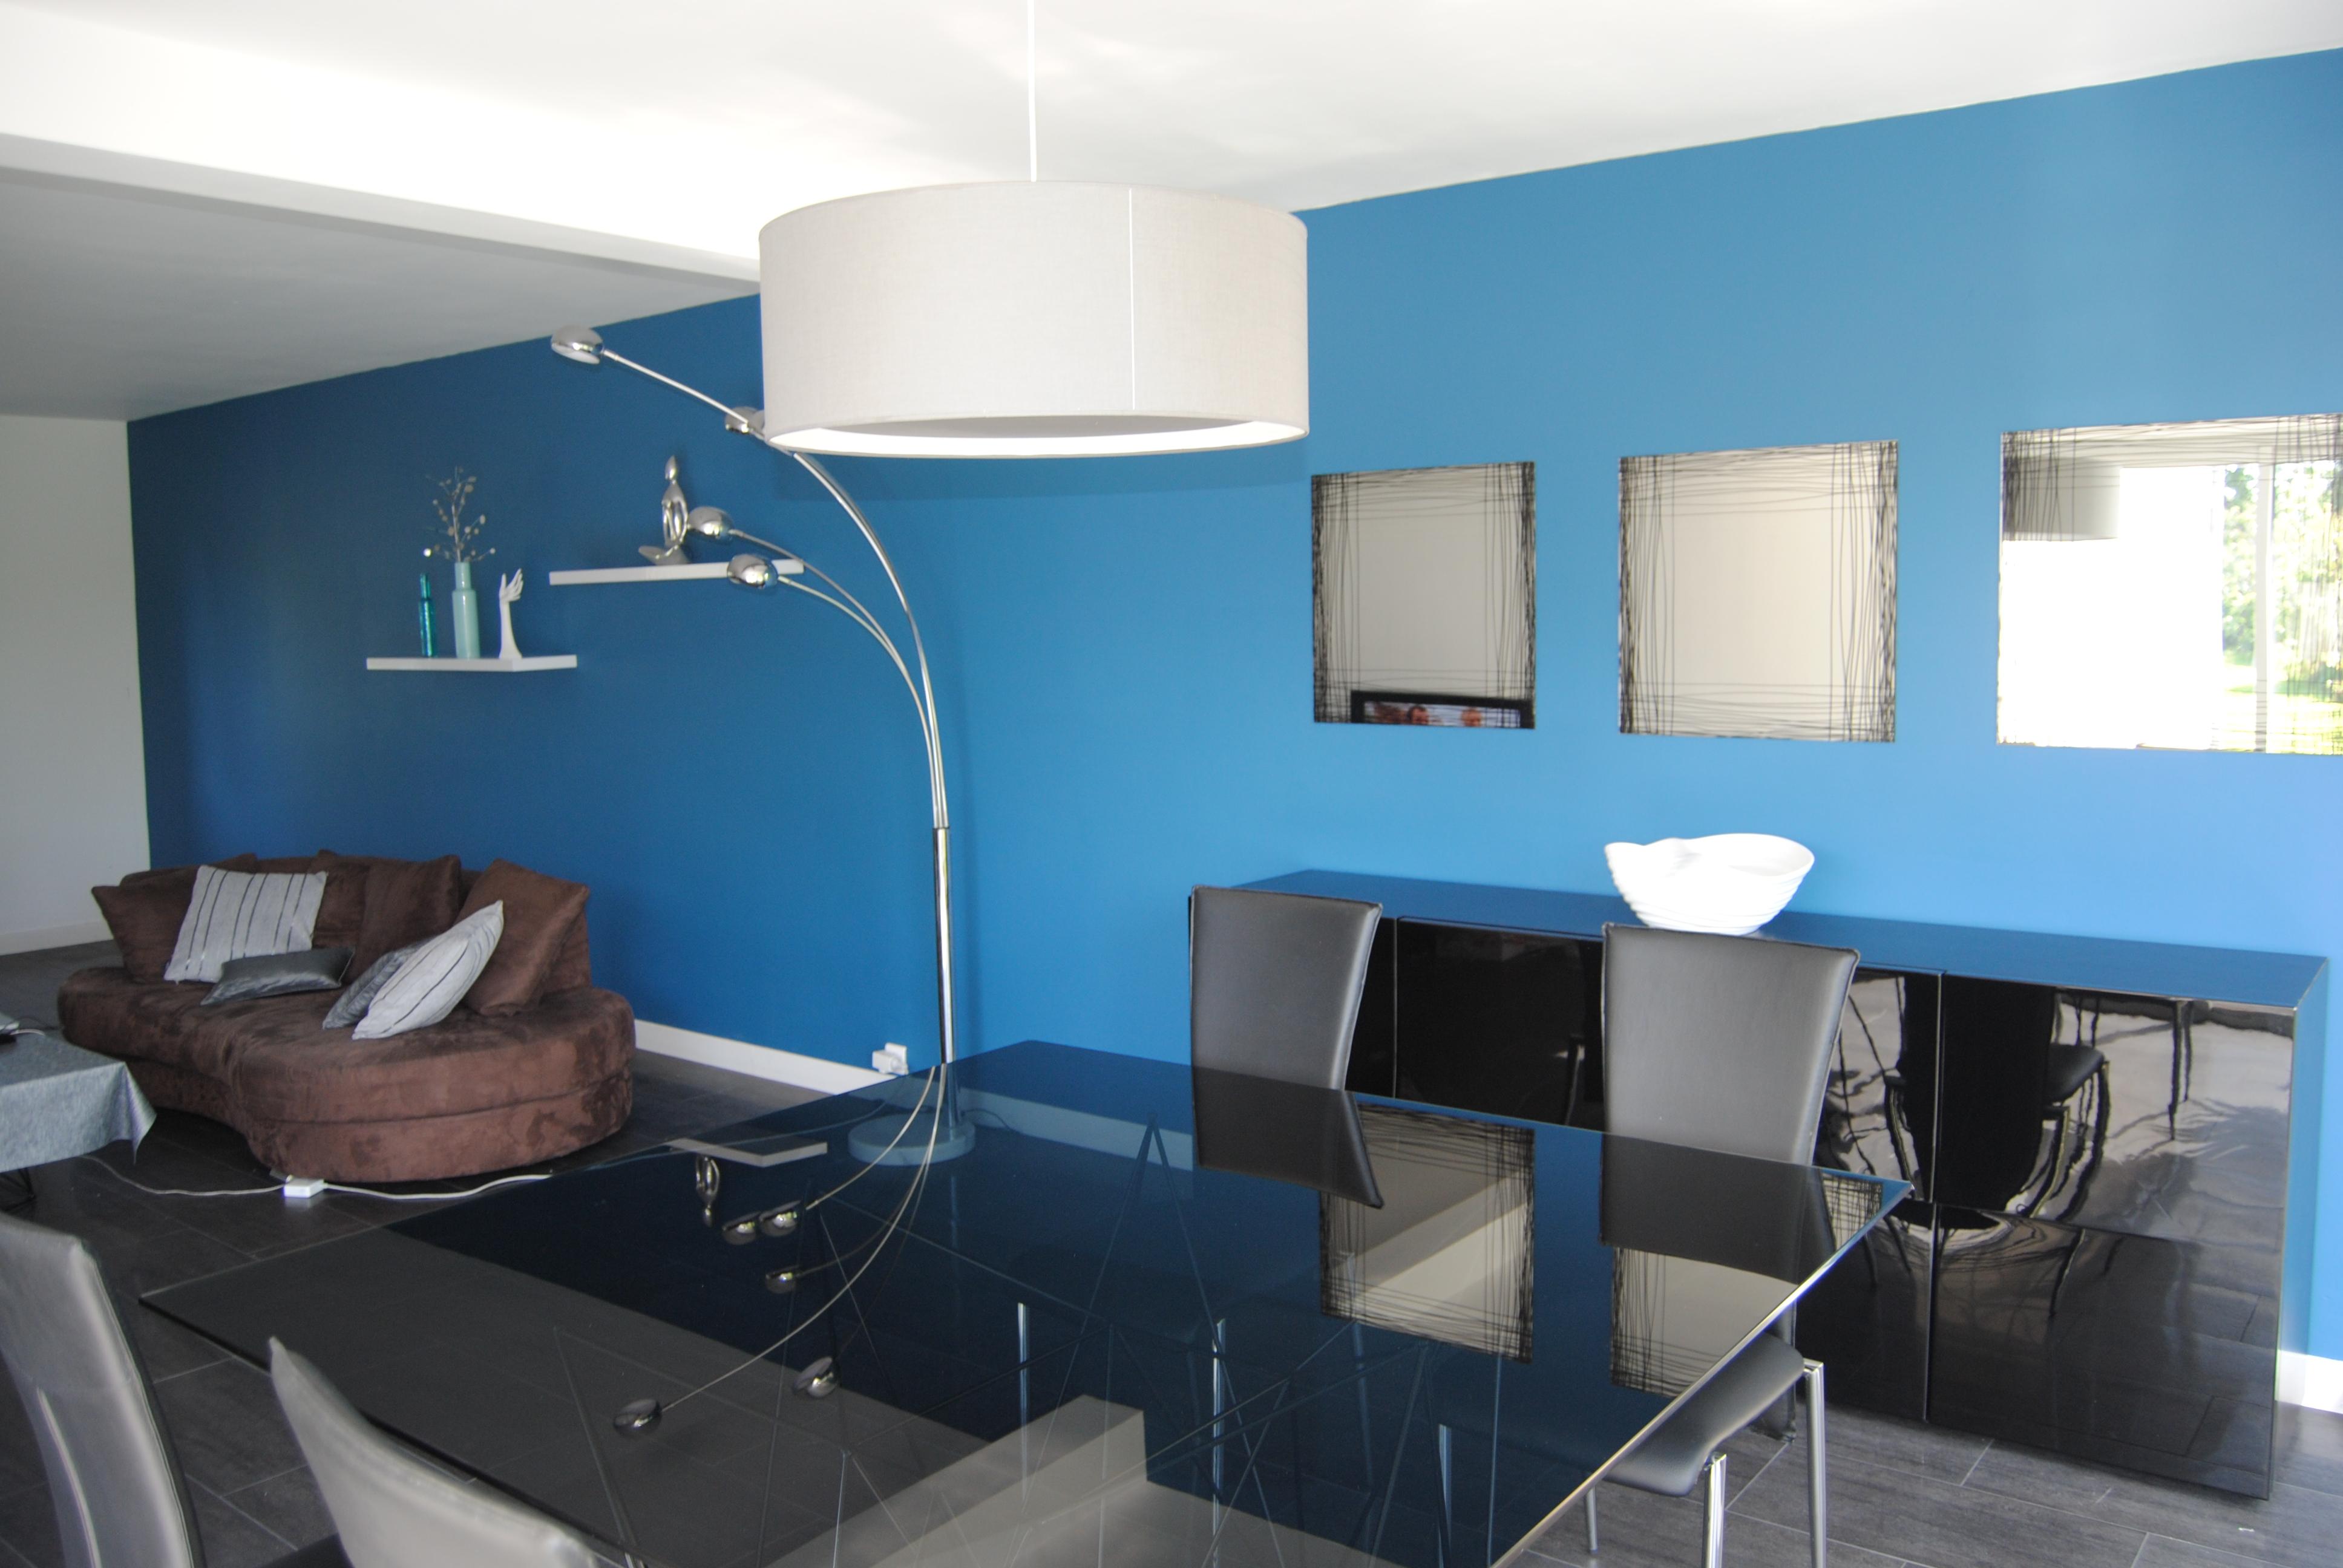 Salon Blanc Gris Bleu Canard peinture bleu canard dans mon séjour j'ai osé! (photo